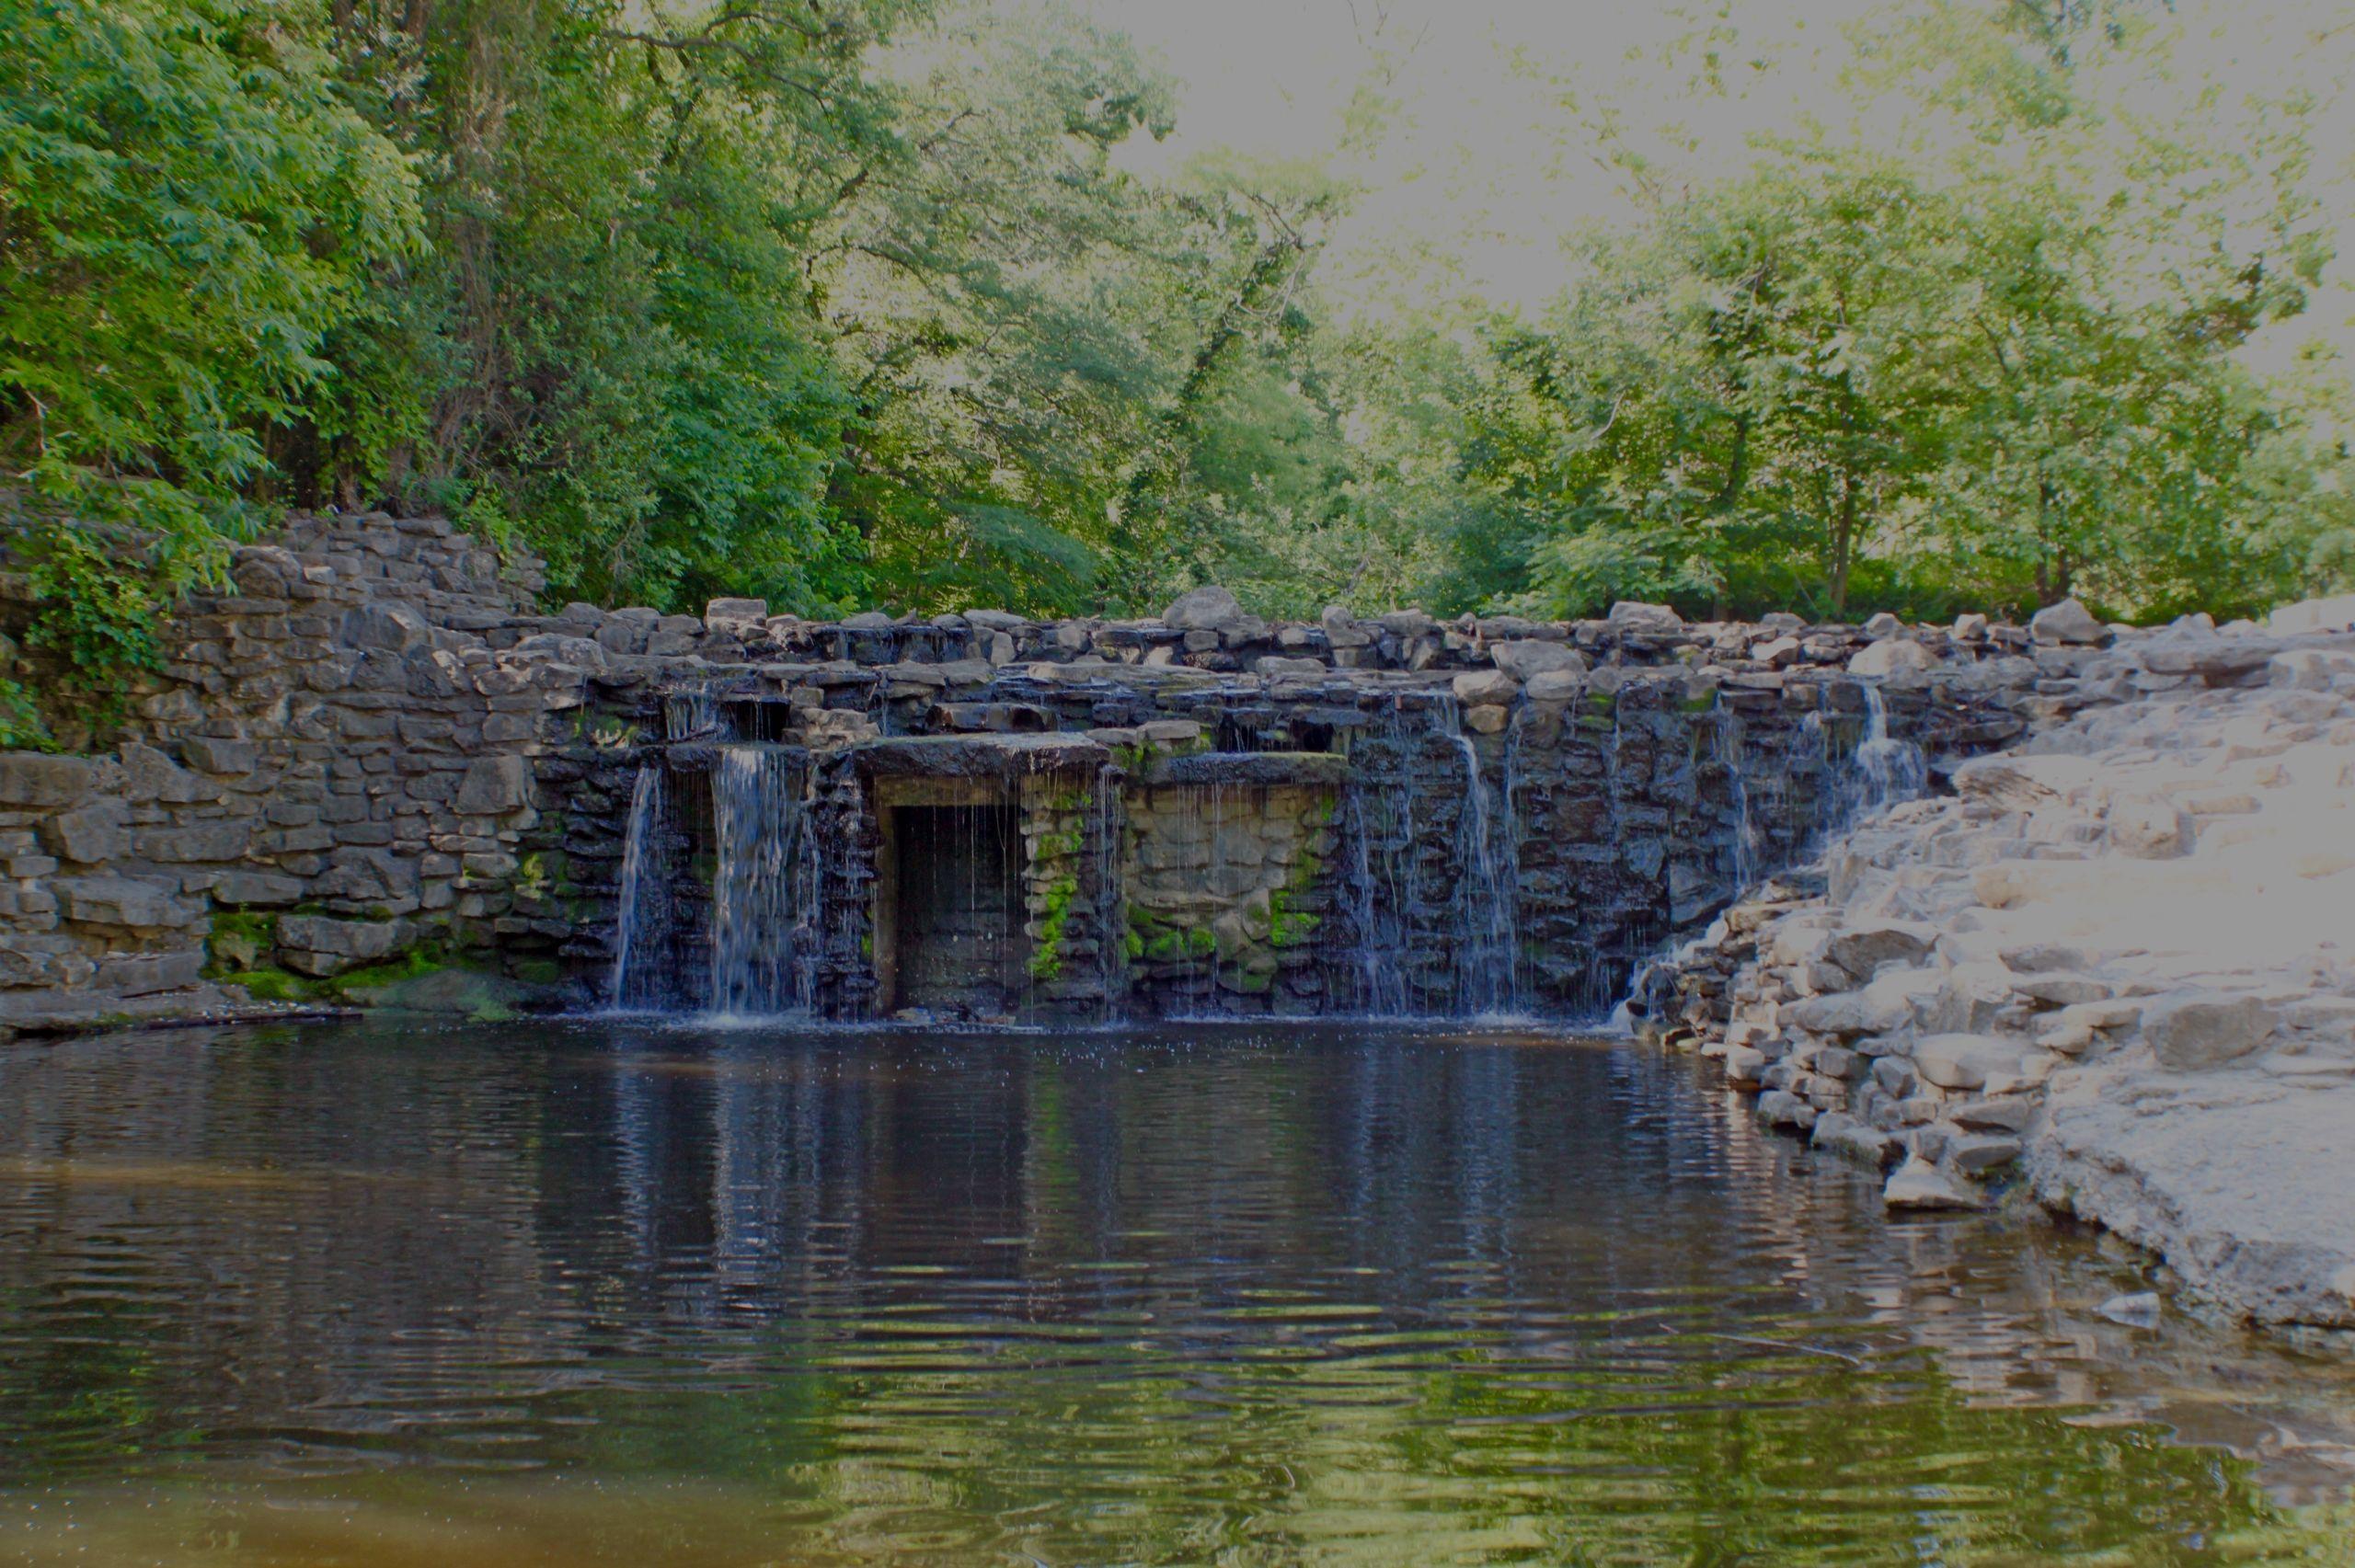 The Canyon Creek Neighborhood of Richardson, TX